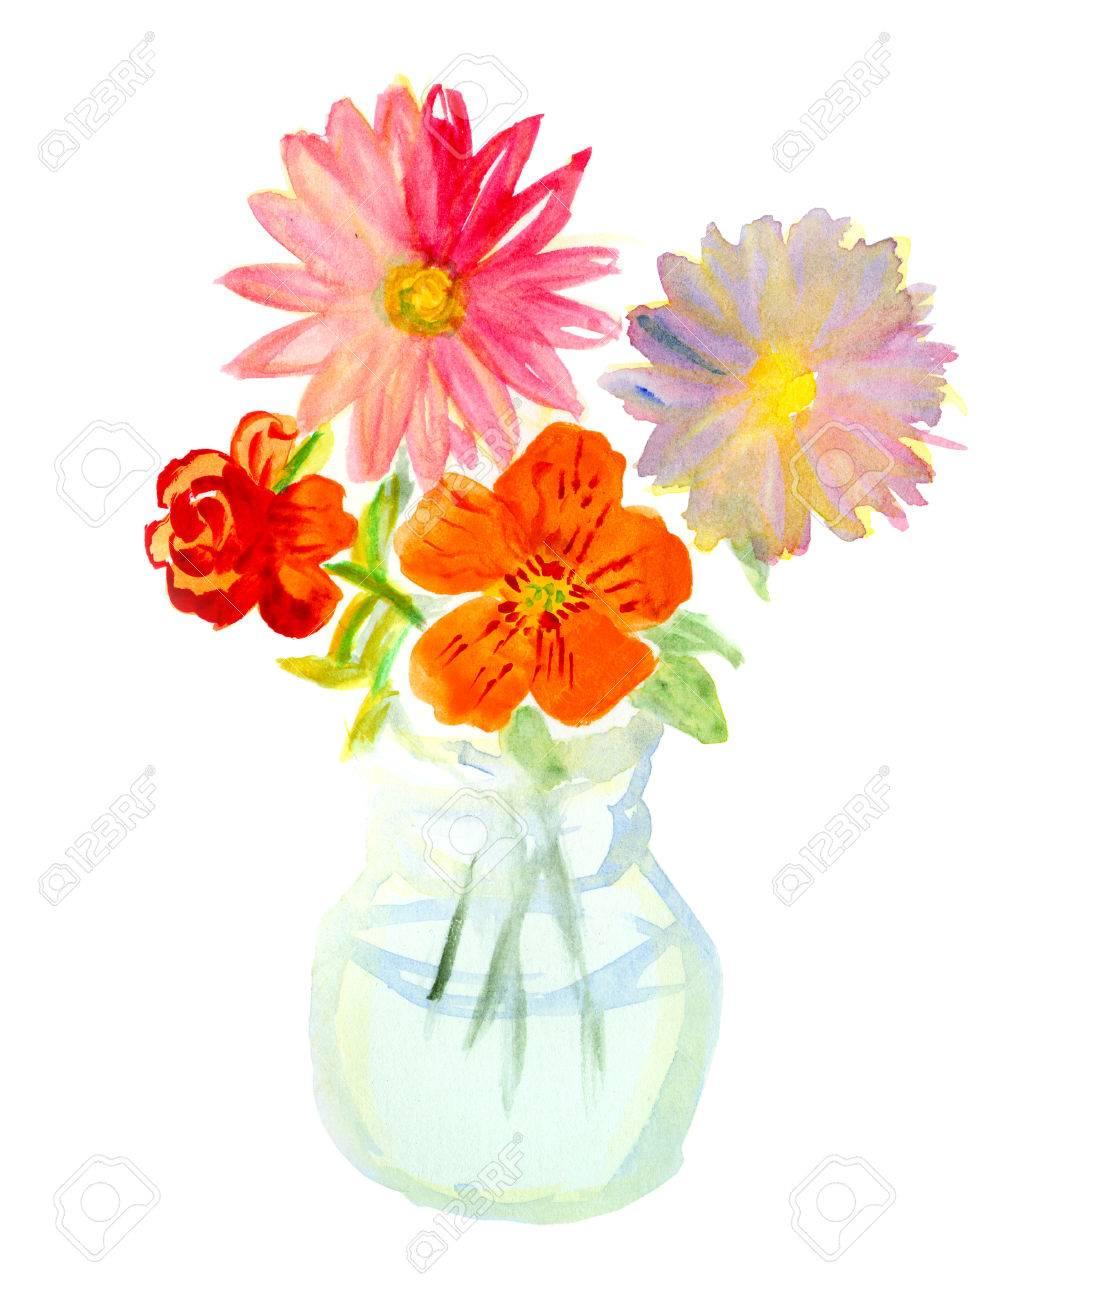 bouquet von bunten blumen in glas-vase. aquarell, Best garten ideen